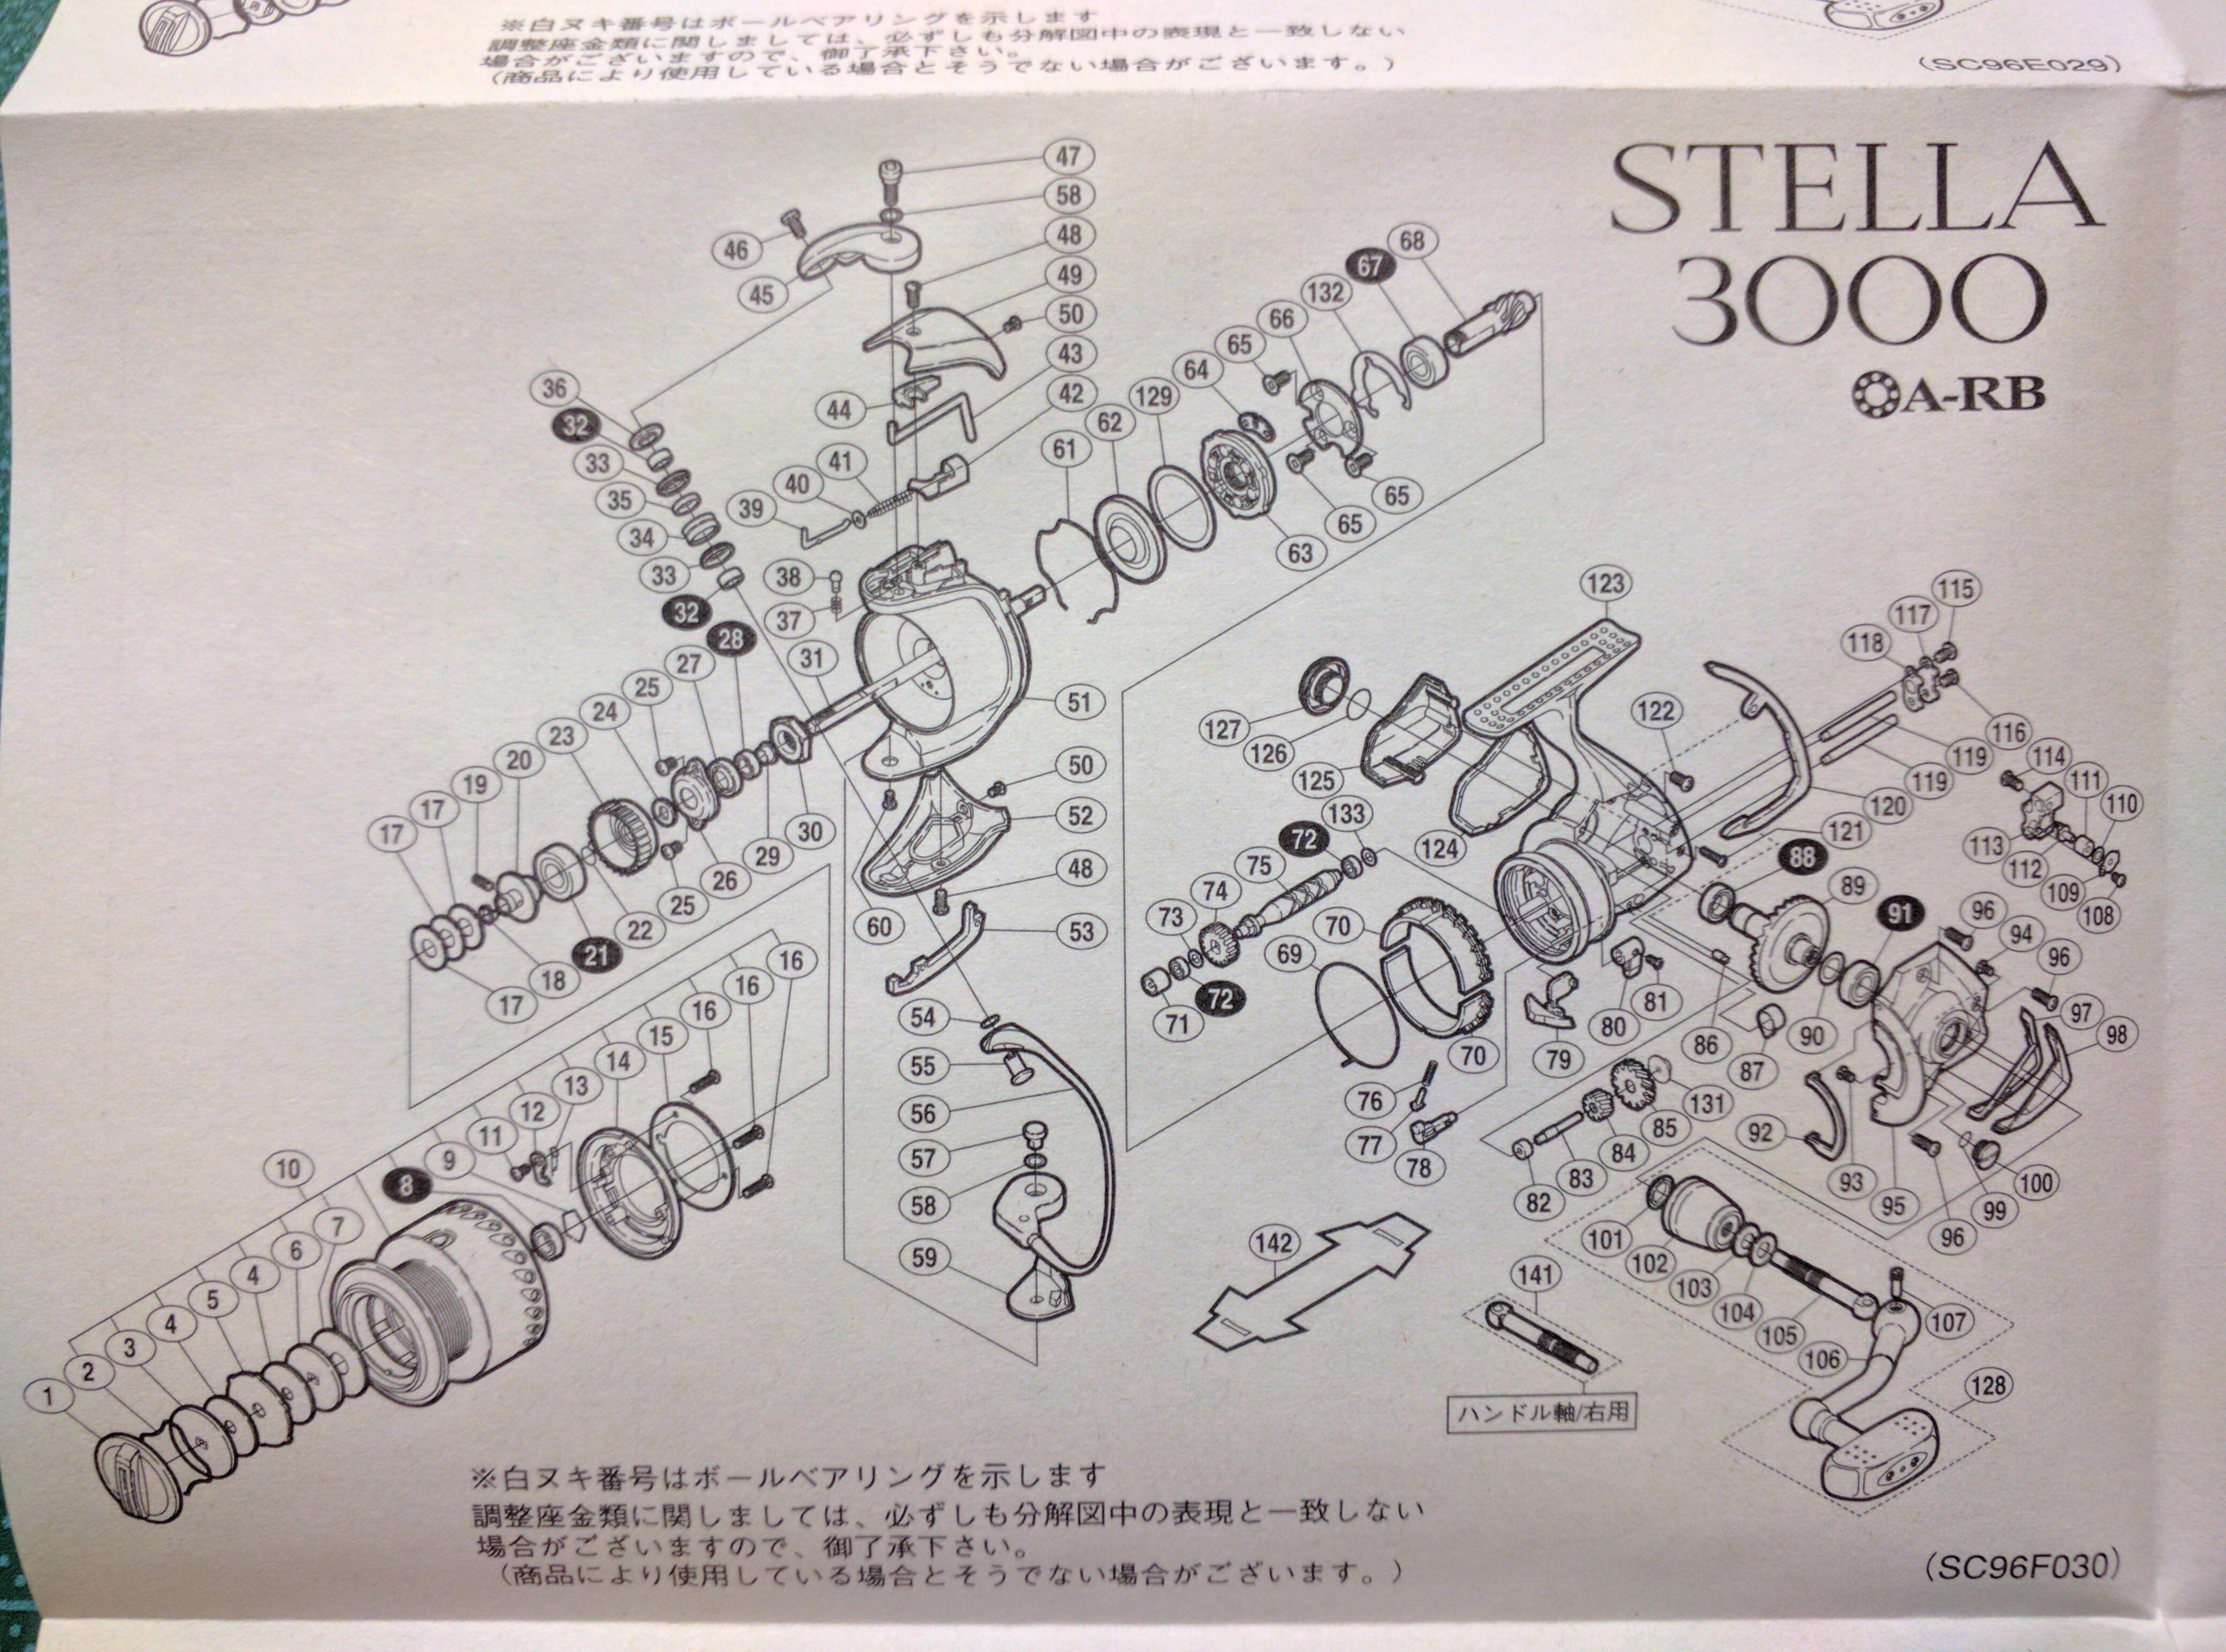 shimano-04stella-3000-schematic (SC96E030)